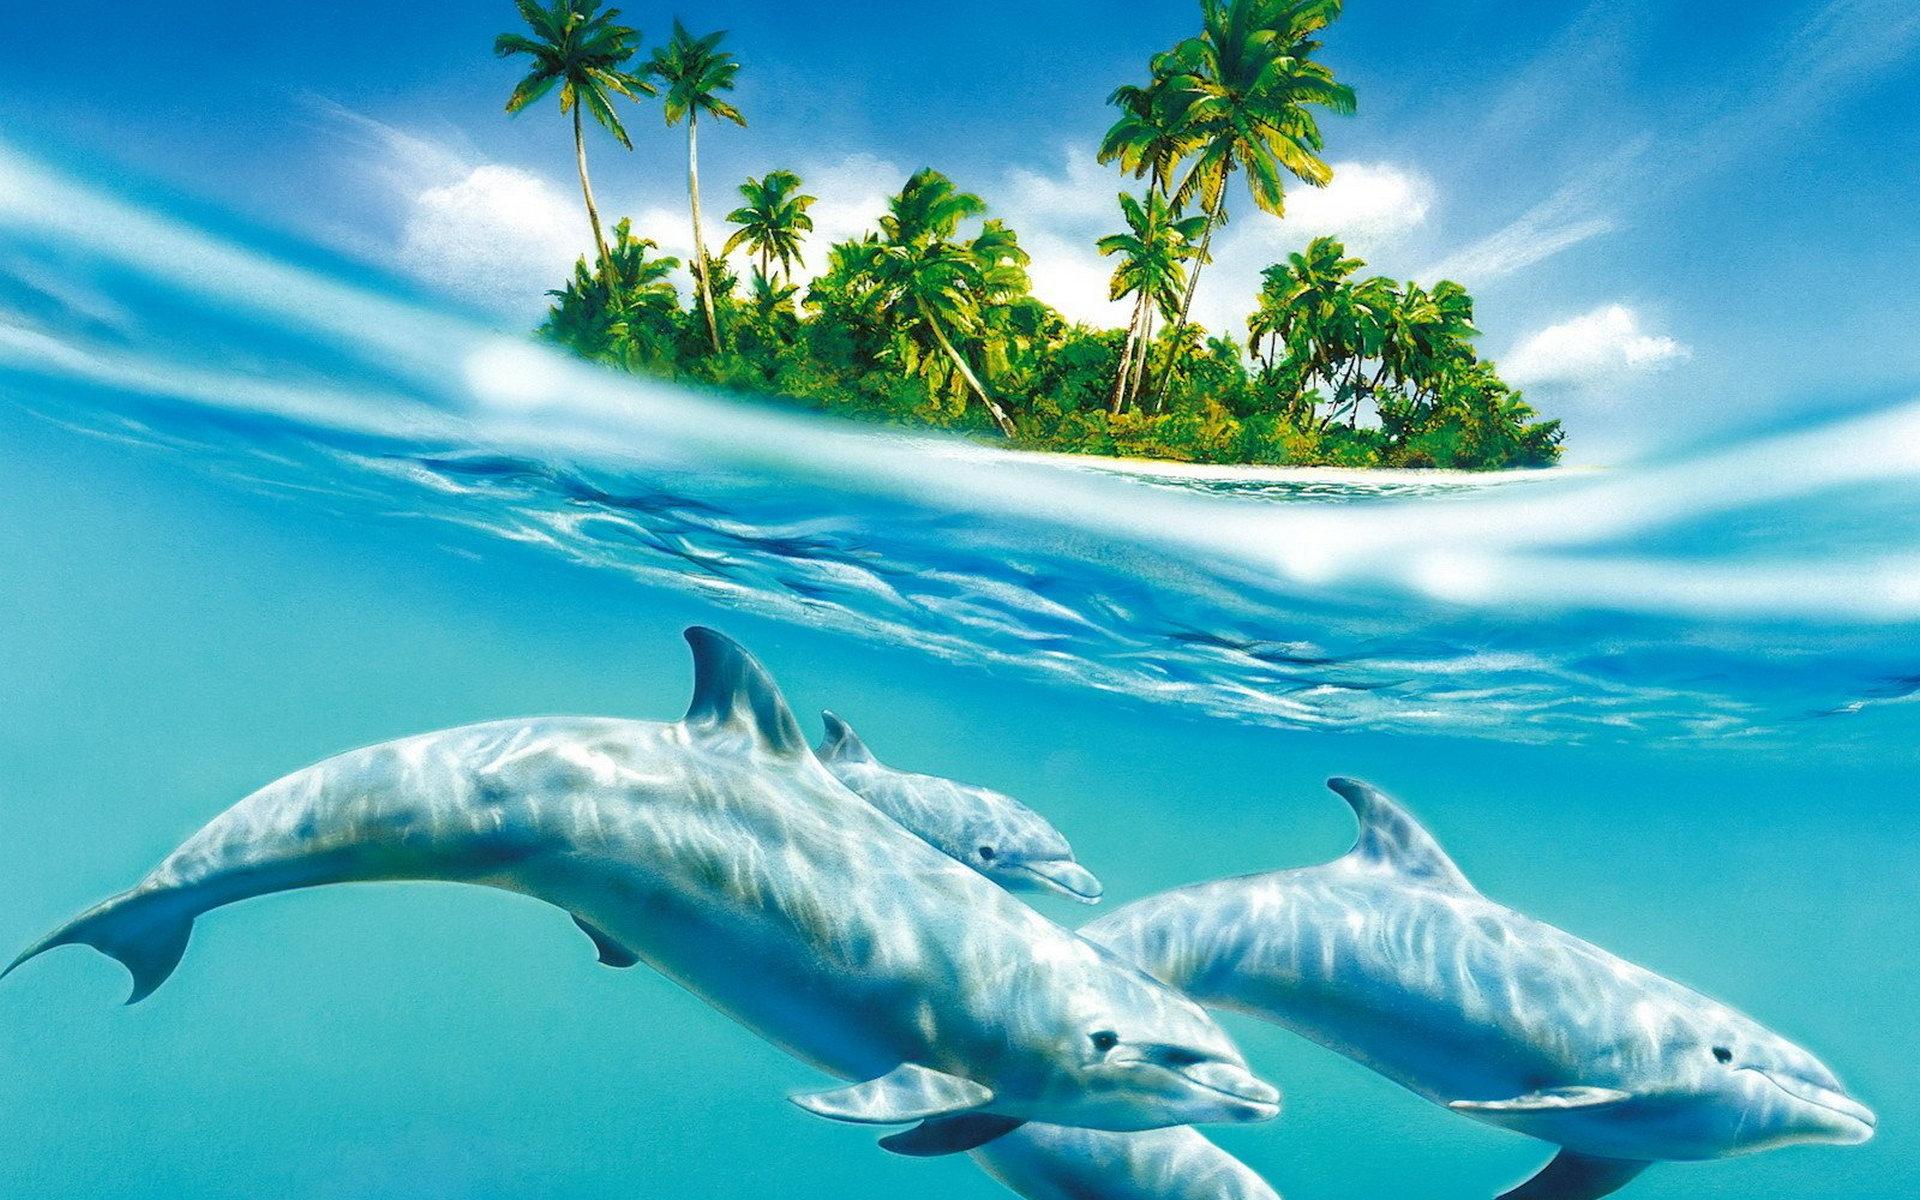 природа животные дельфины море скачать